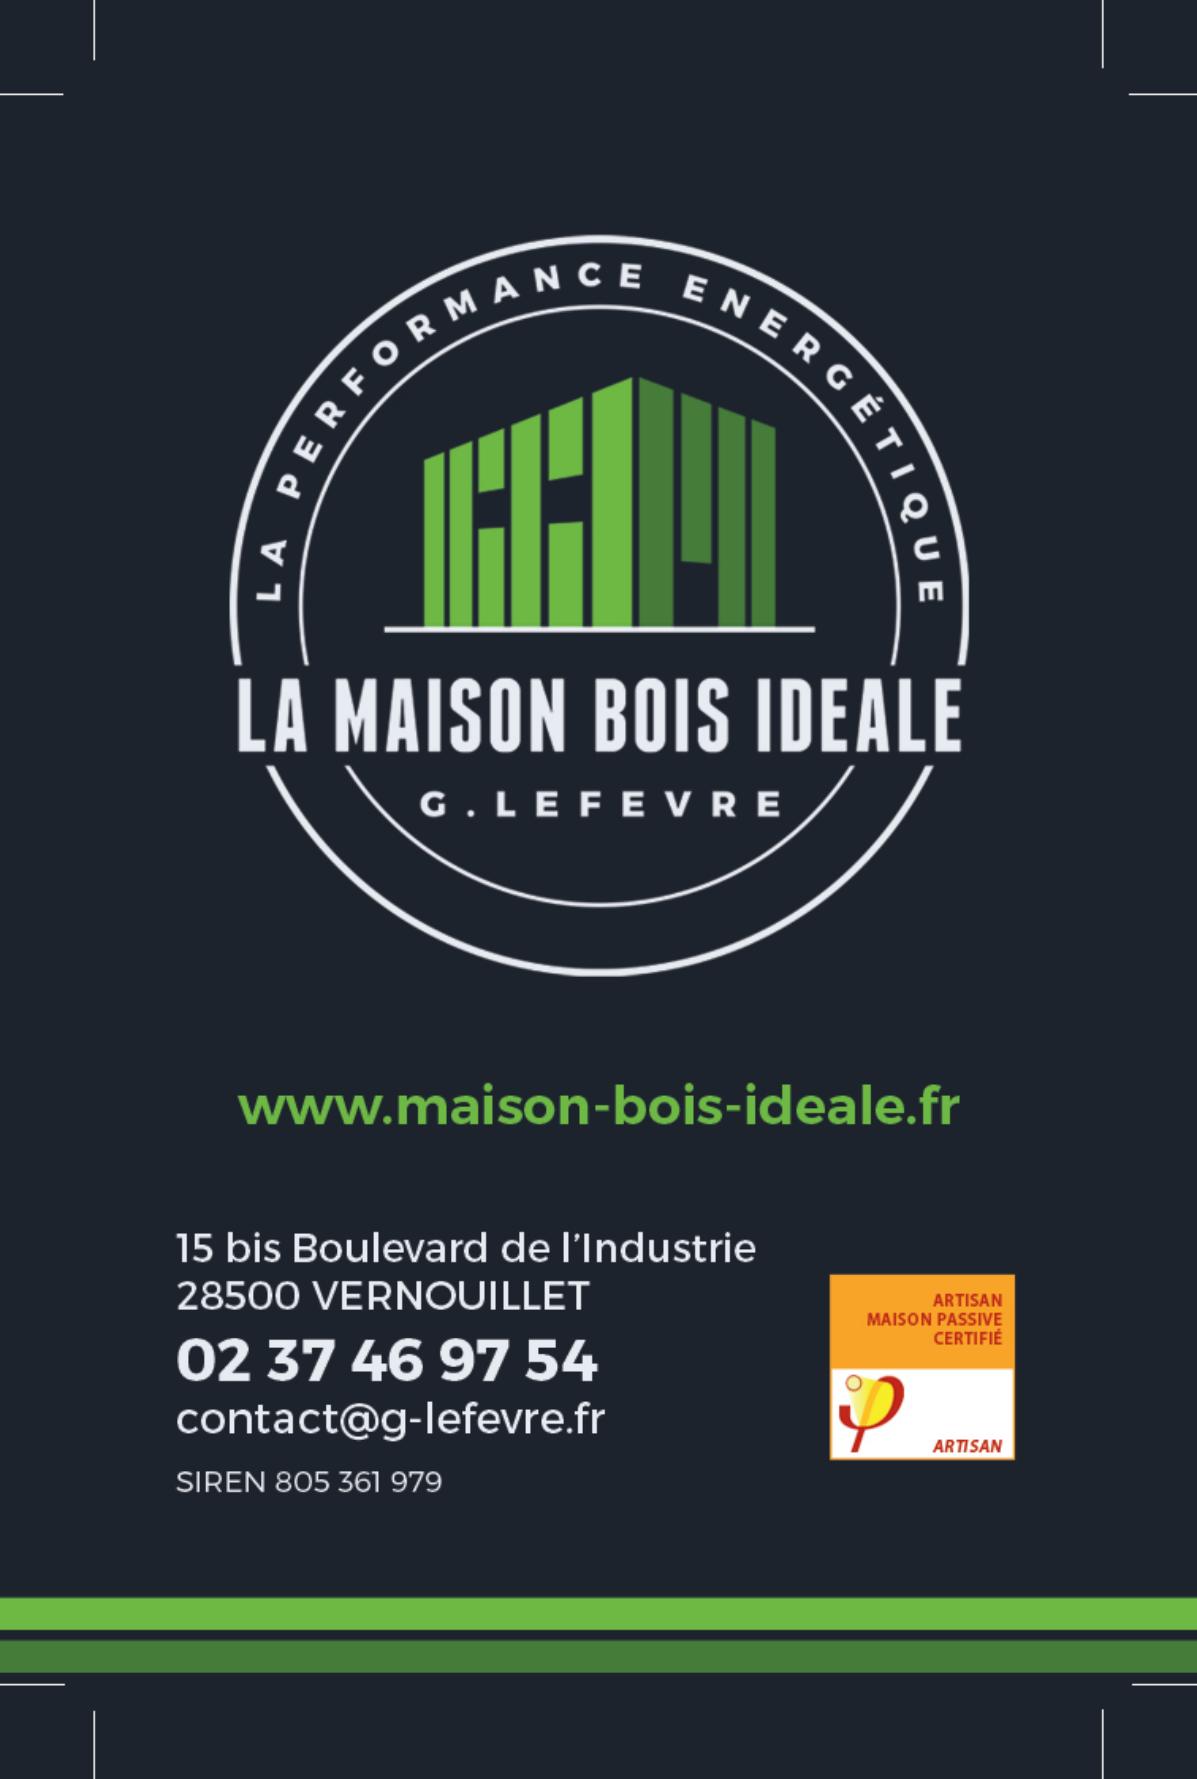 Carte de visite - LA MAISON BOIS IDEALE